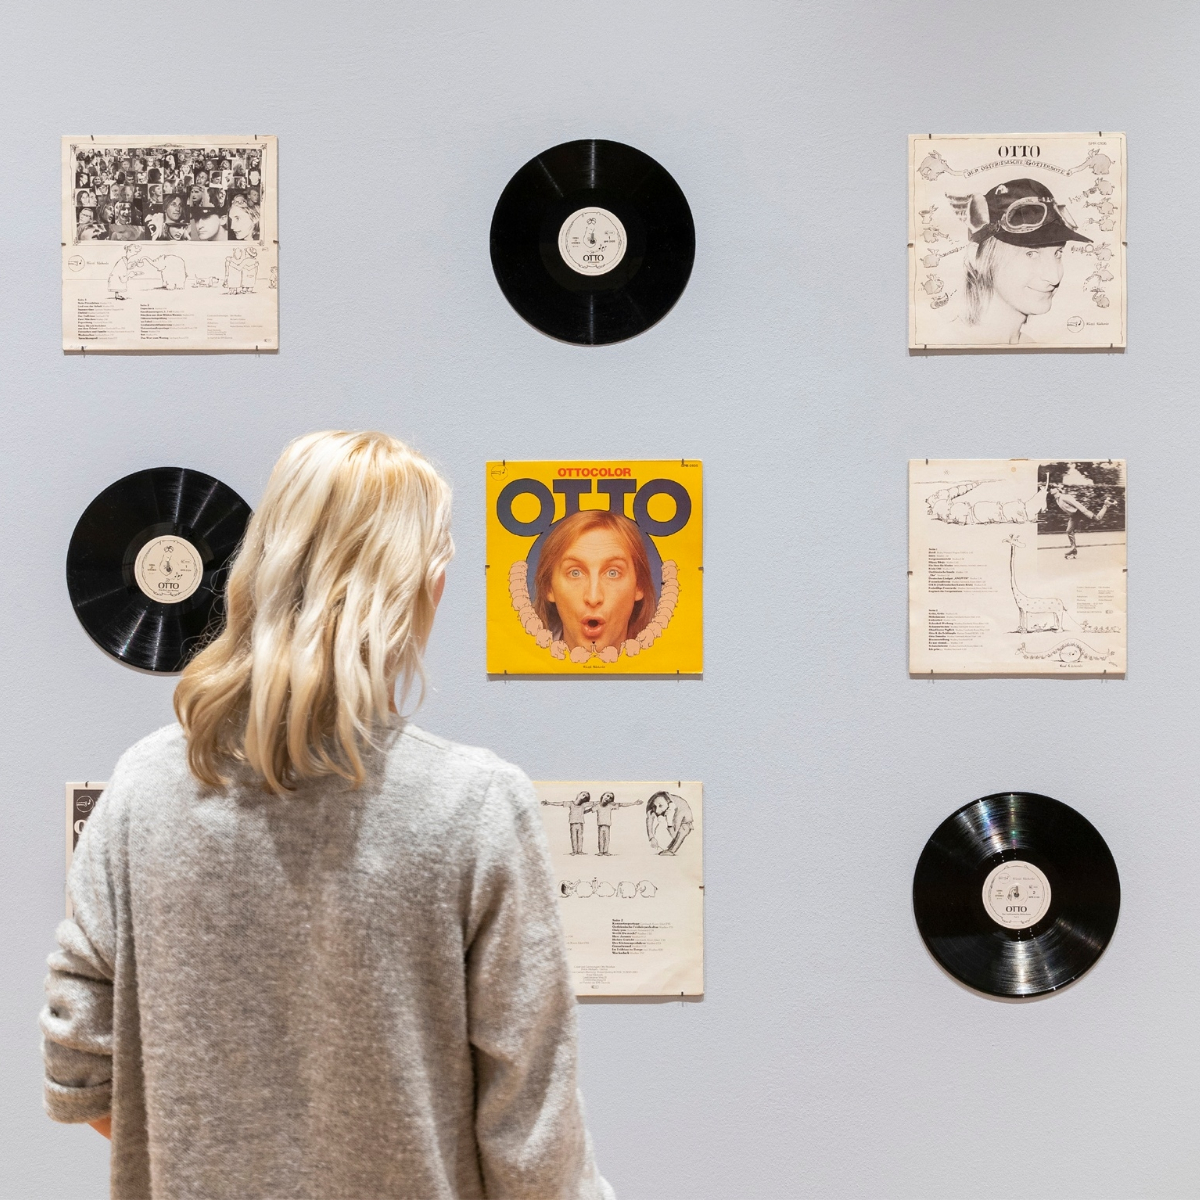 Otto-Die Ausstellung MKG Hamburg (1)